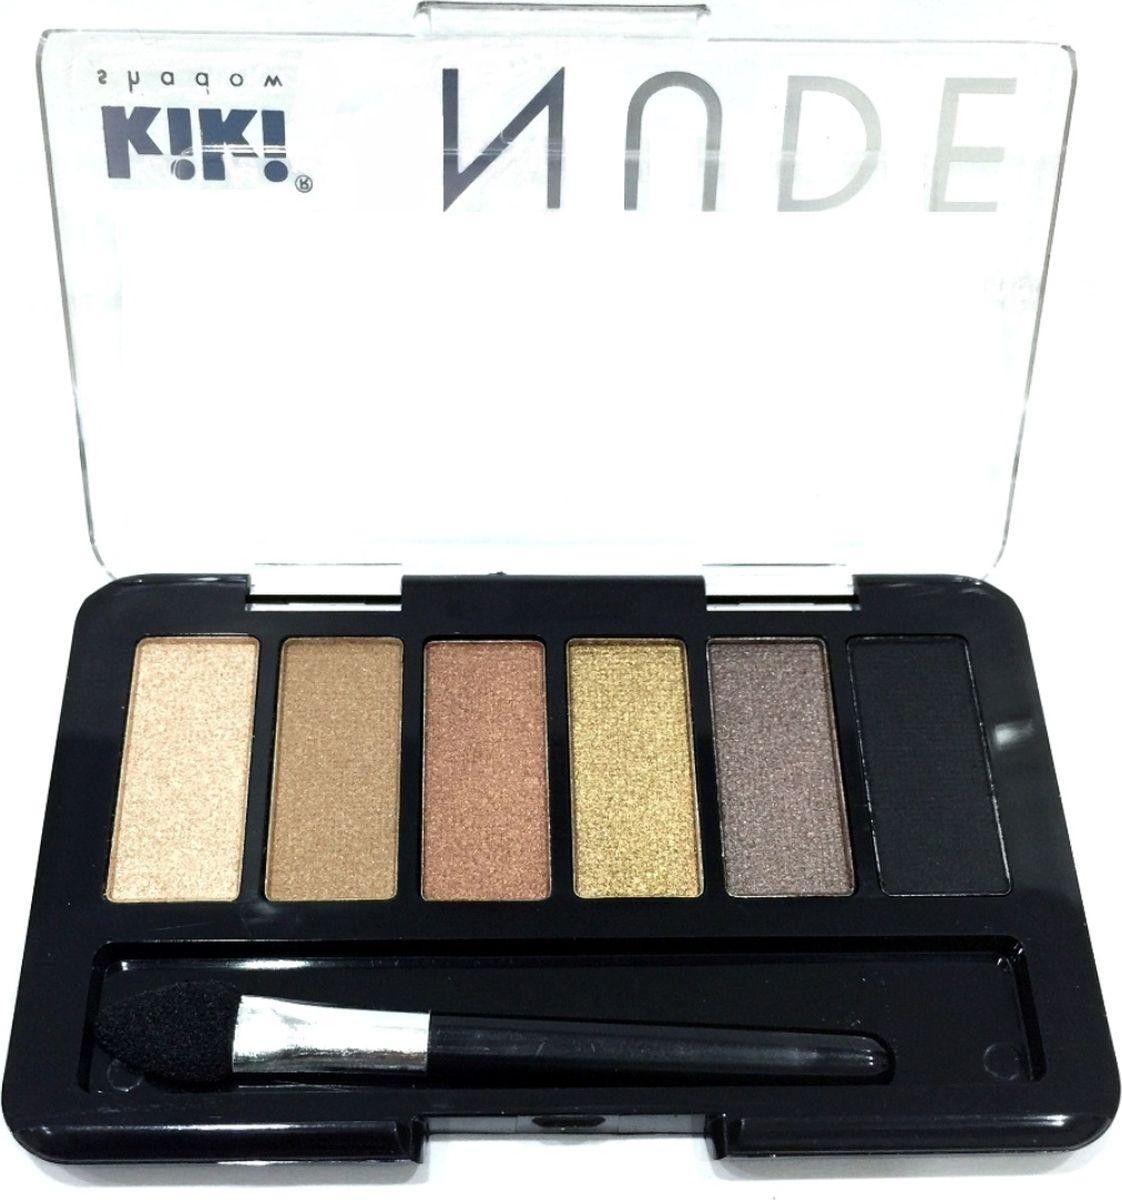 Kiki Тени для век shadow Nude 903, 2.76 гр10909903Шесть идеально подобранных оттенков в нюдовых тонах не оставят вас равнодушными. Тени обладают нежной, хорошо поддающейся растушевке текстурой. Благодаря удобному аппликатору макияж можно создавать буквально на ходу.